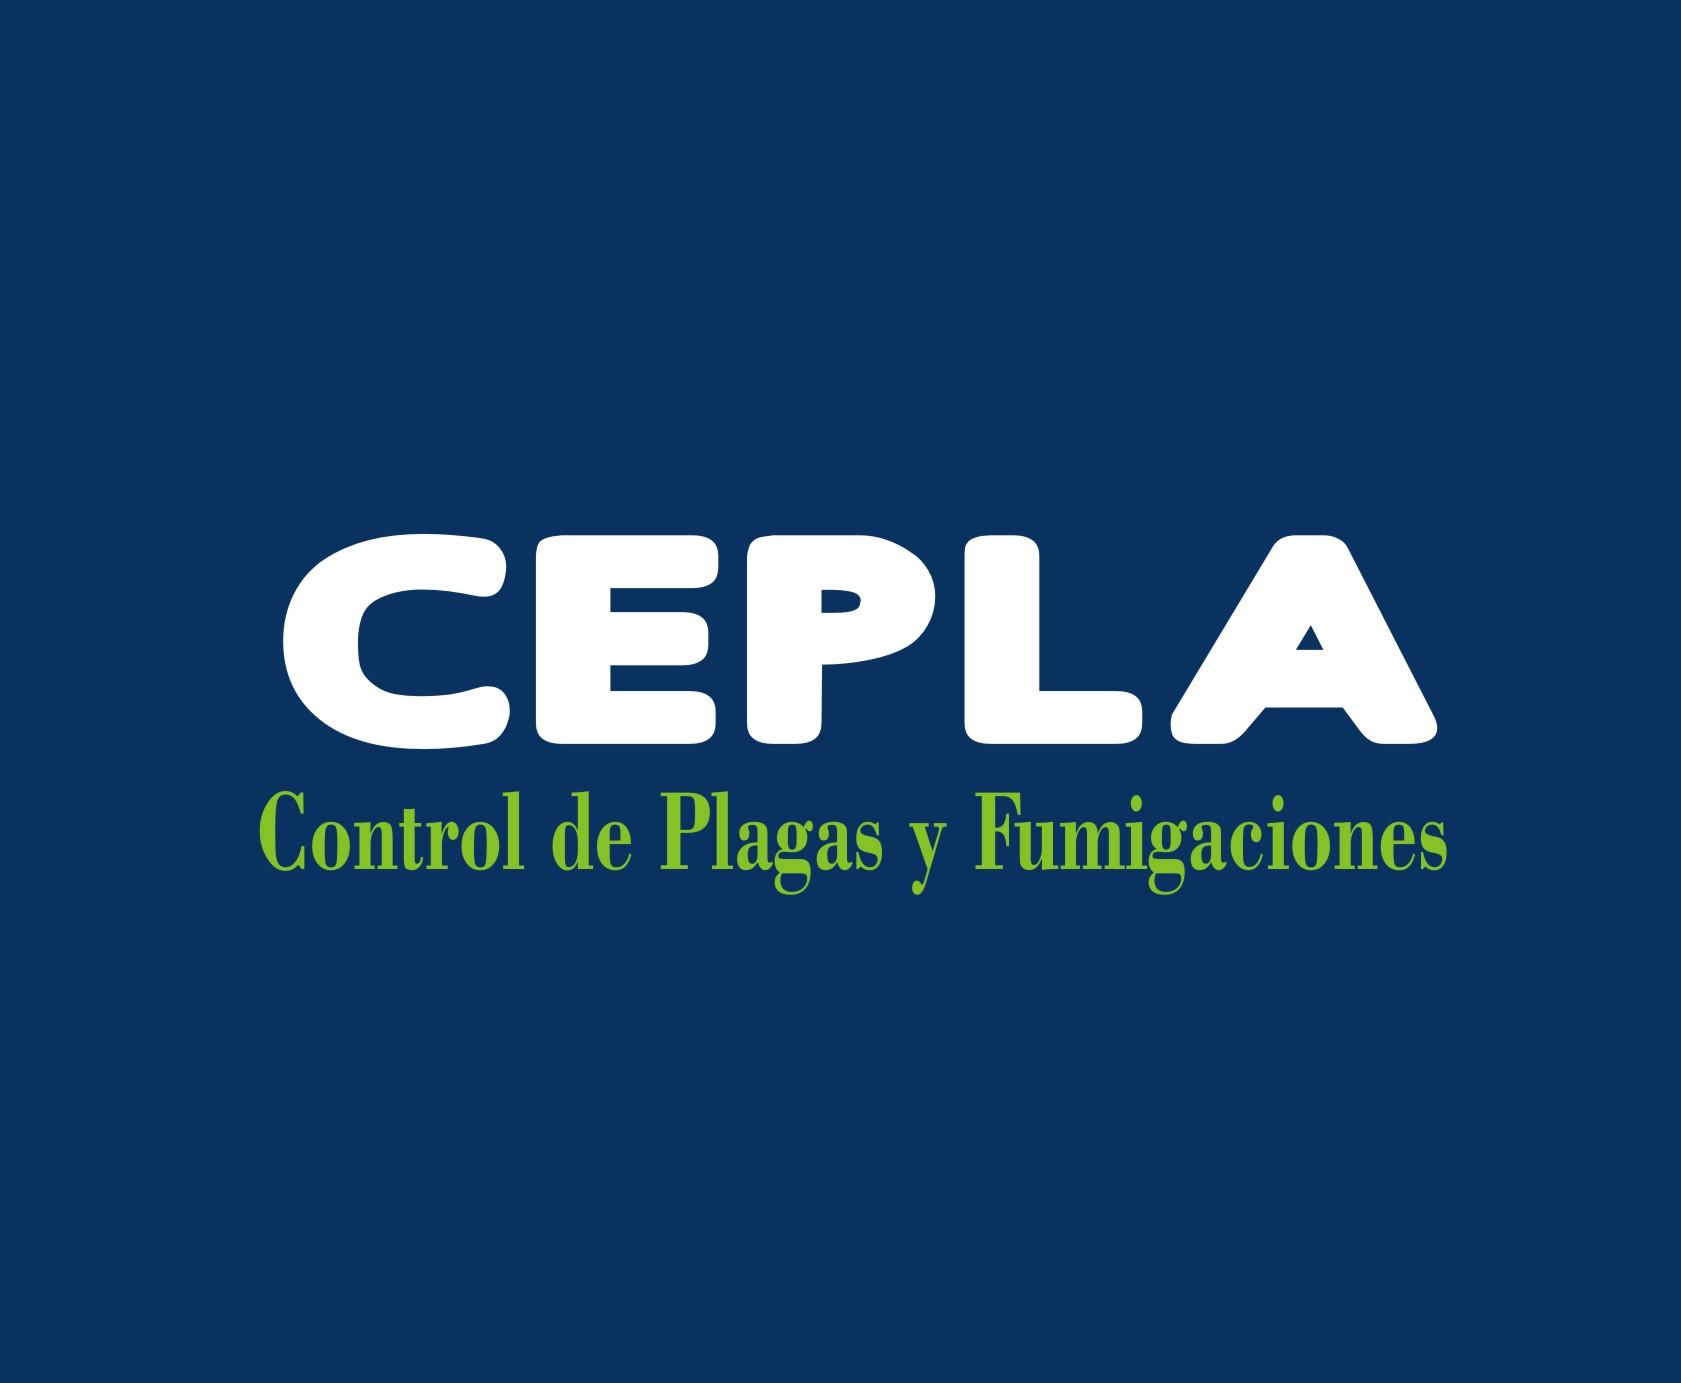 CEPLA Control de Plagas Y Fumigacion Juárez - Chihuahua